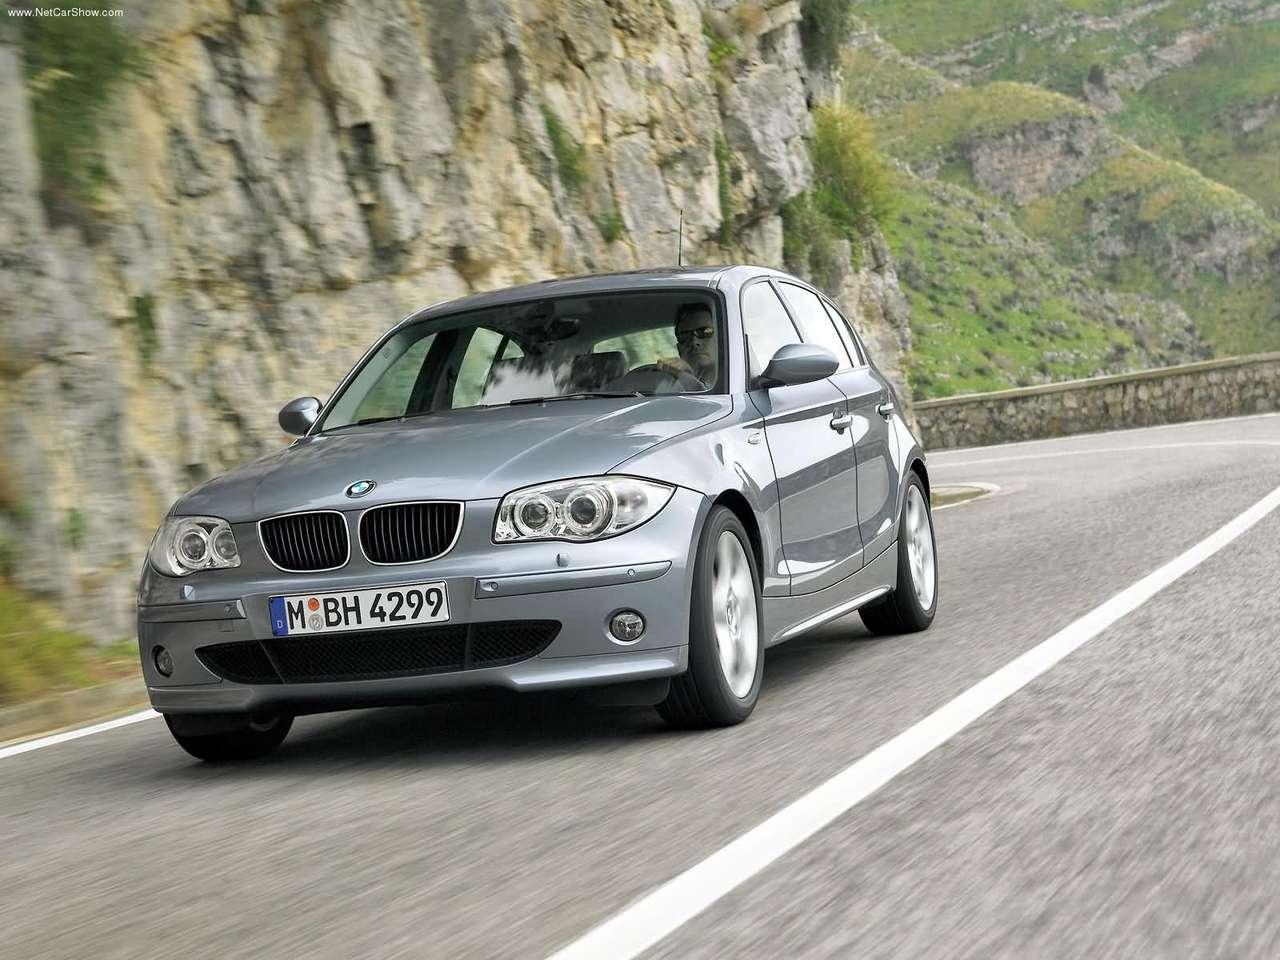 http://3.bp.blogspot.com/_vPMjJG-enrk/TAqOCjM4OjI/AAAAAAAACrc/NnzPEV3pwRU/s1600/BMW-120i_2005_1280x960_wallpaper_02.jpg